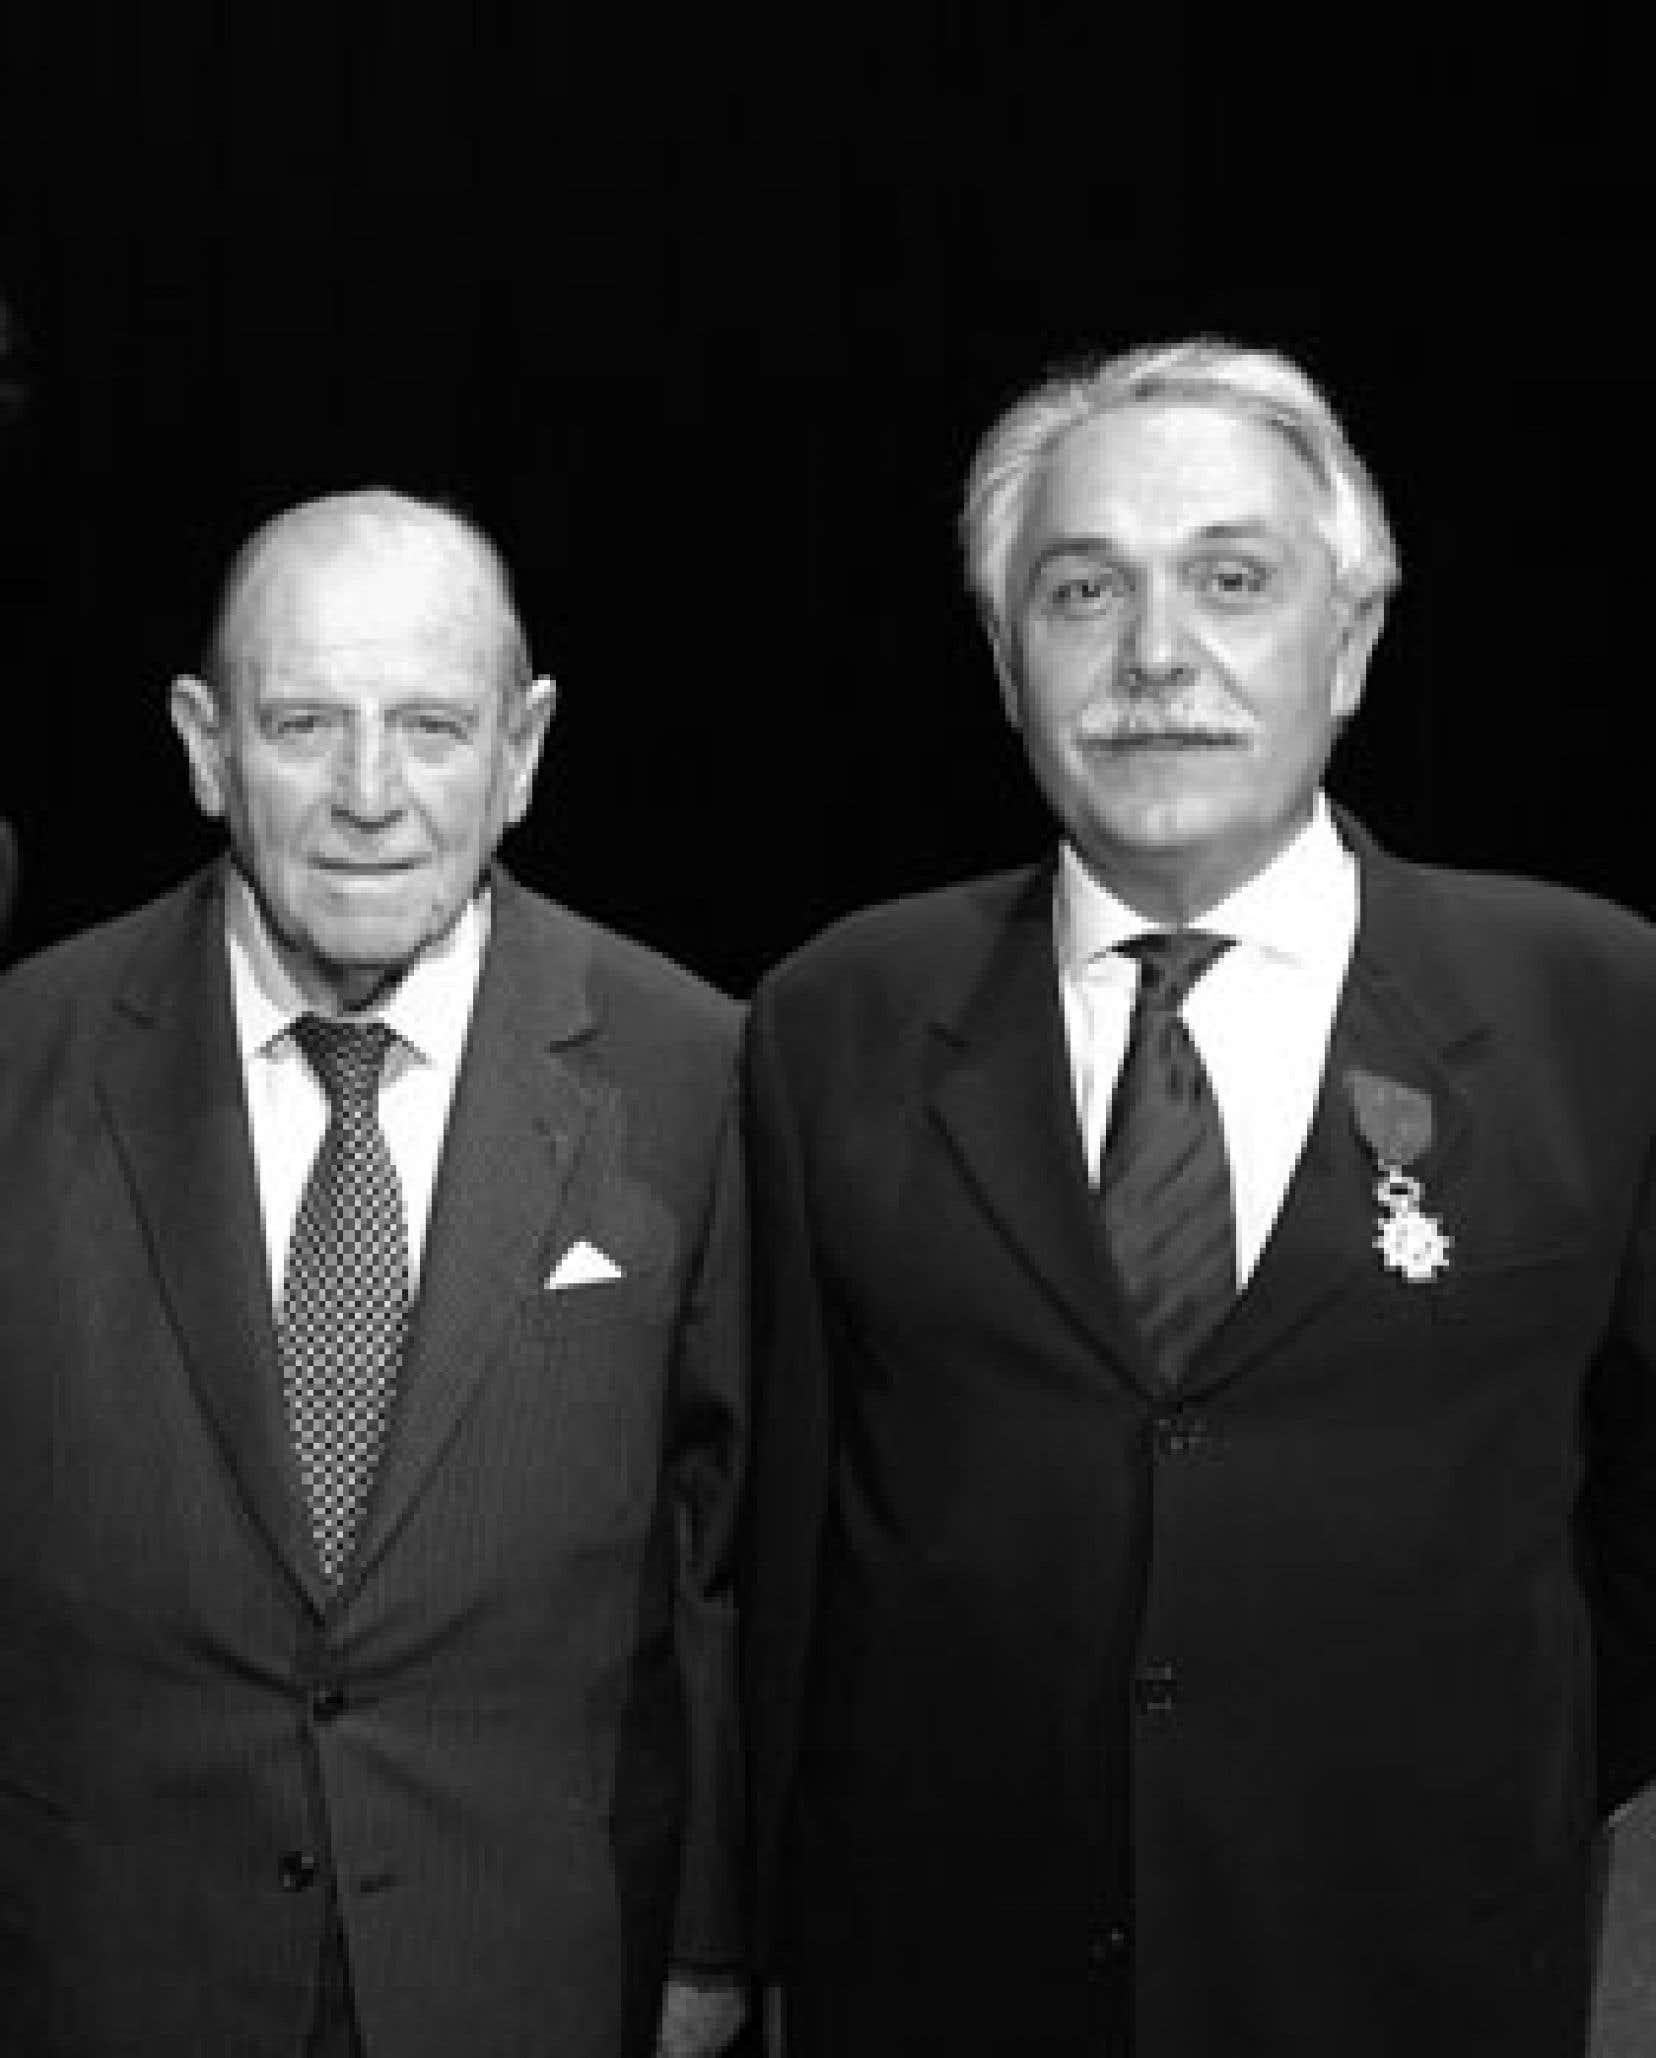 Ami et mentor de longue date, l'ancien premier ministre Raymond Barre, décédé en août dernier, a influencé de manière décisive la vie d'Alain Bideau, directeur et fondateur du Centre Jacques Cartier. Photo: Centre Jacques Cartier